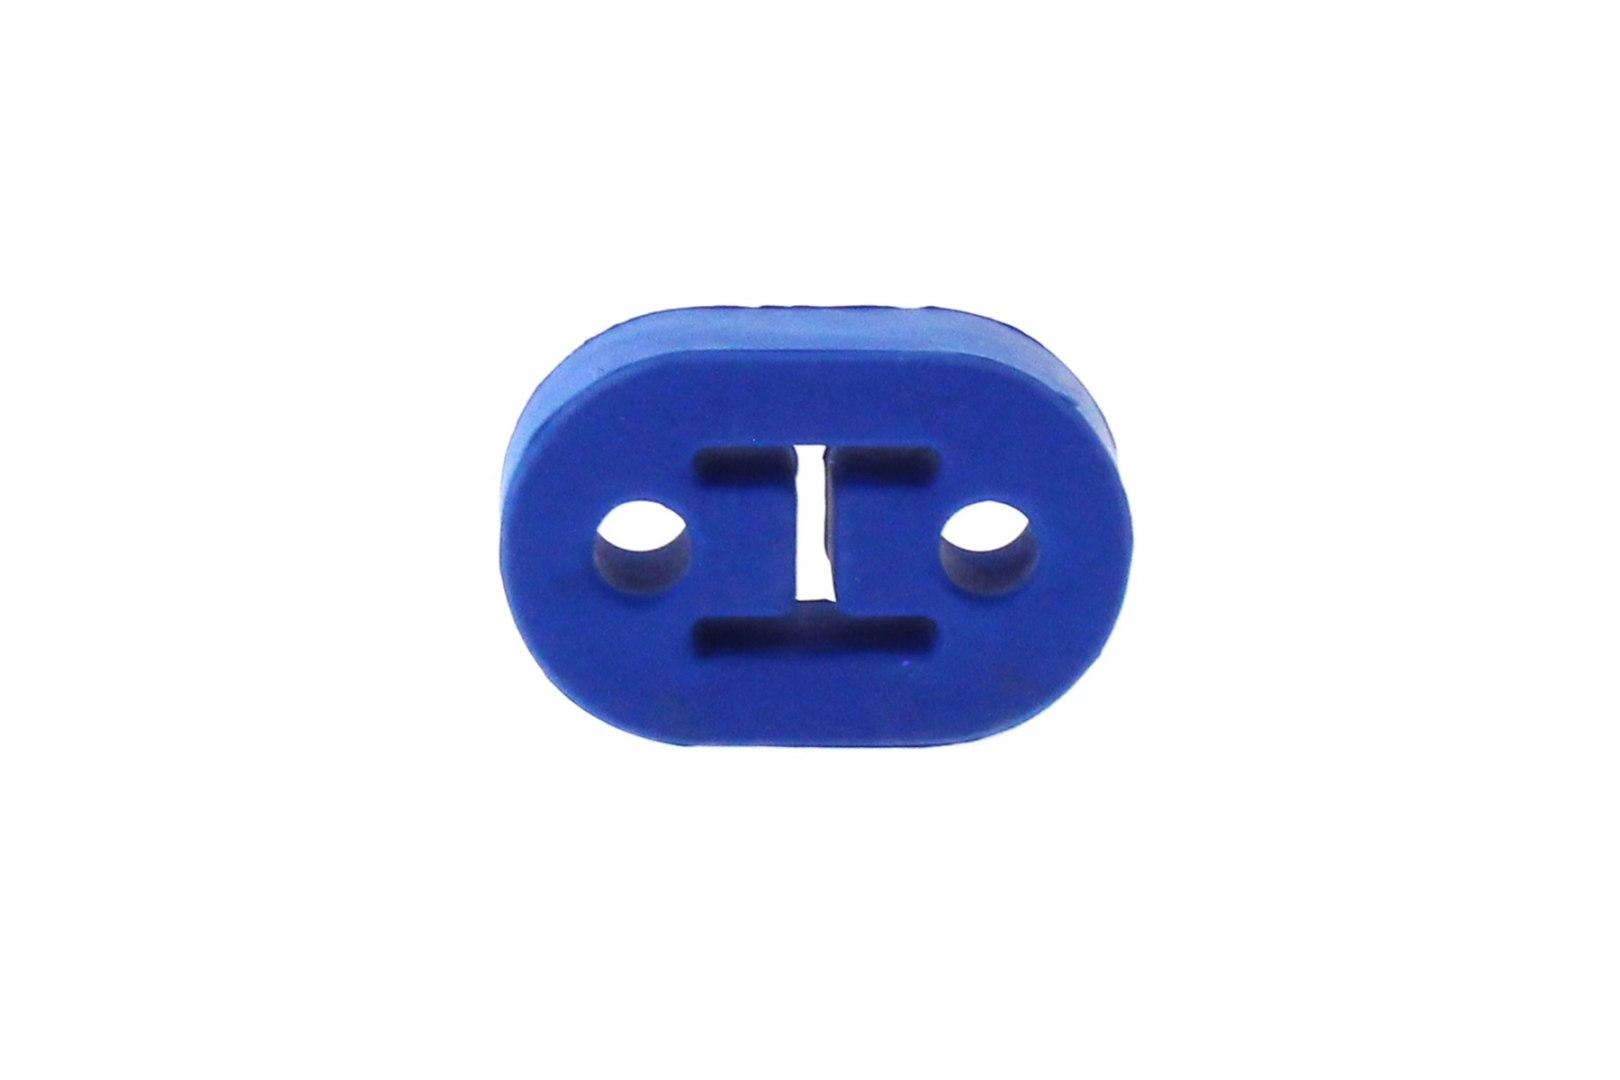 Wieszak Tłumika Typ-1 TurboWorks Niebieski - GRUBYGARAGE - Sklep Tuningowy